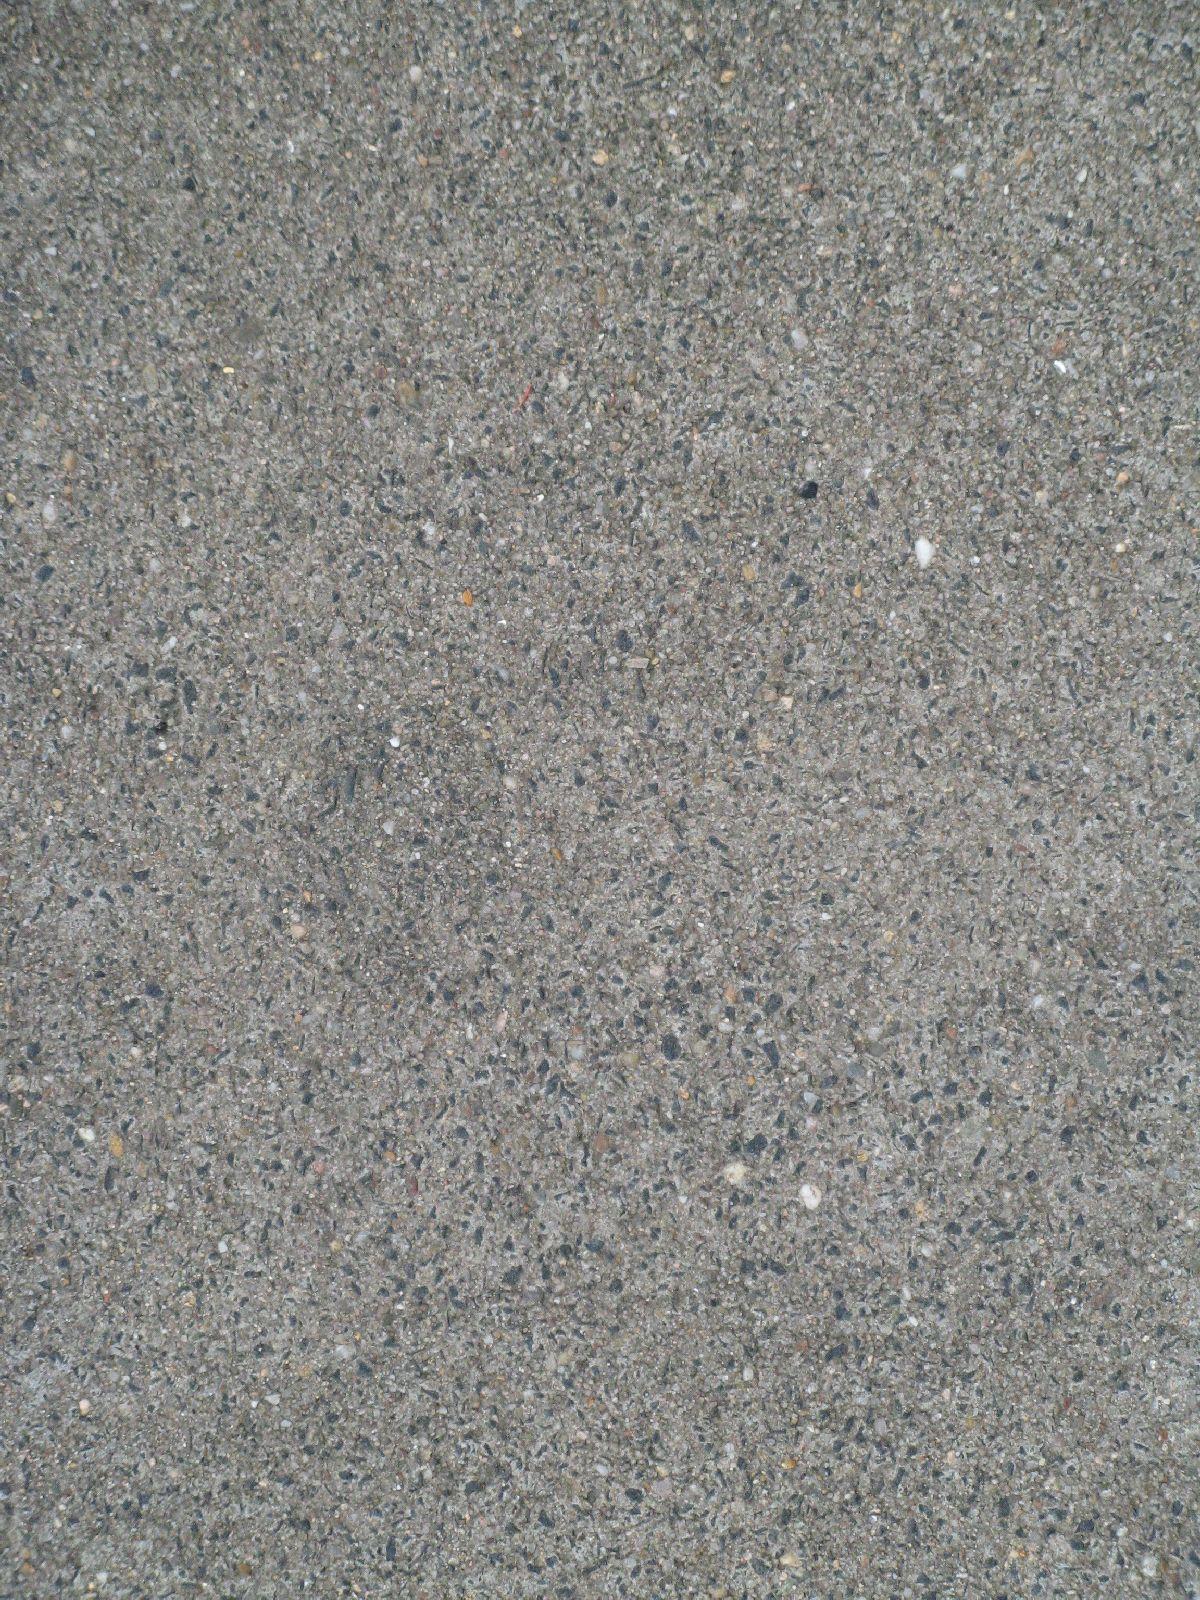 Boden-Gehweg-Strasse-Buergersteig-Textur_B_02347